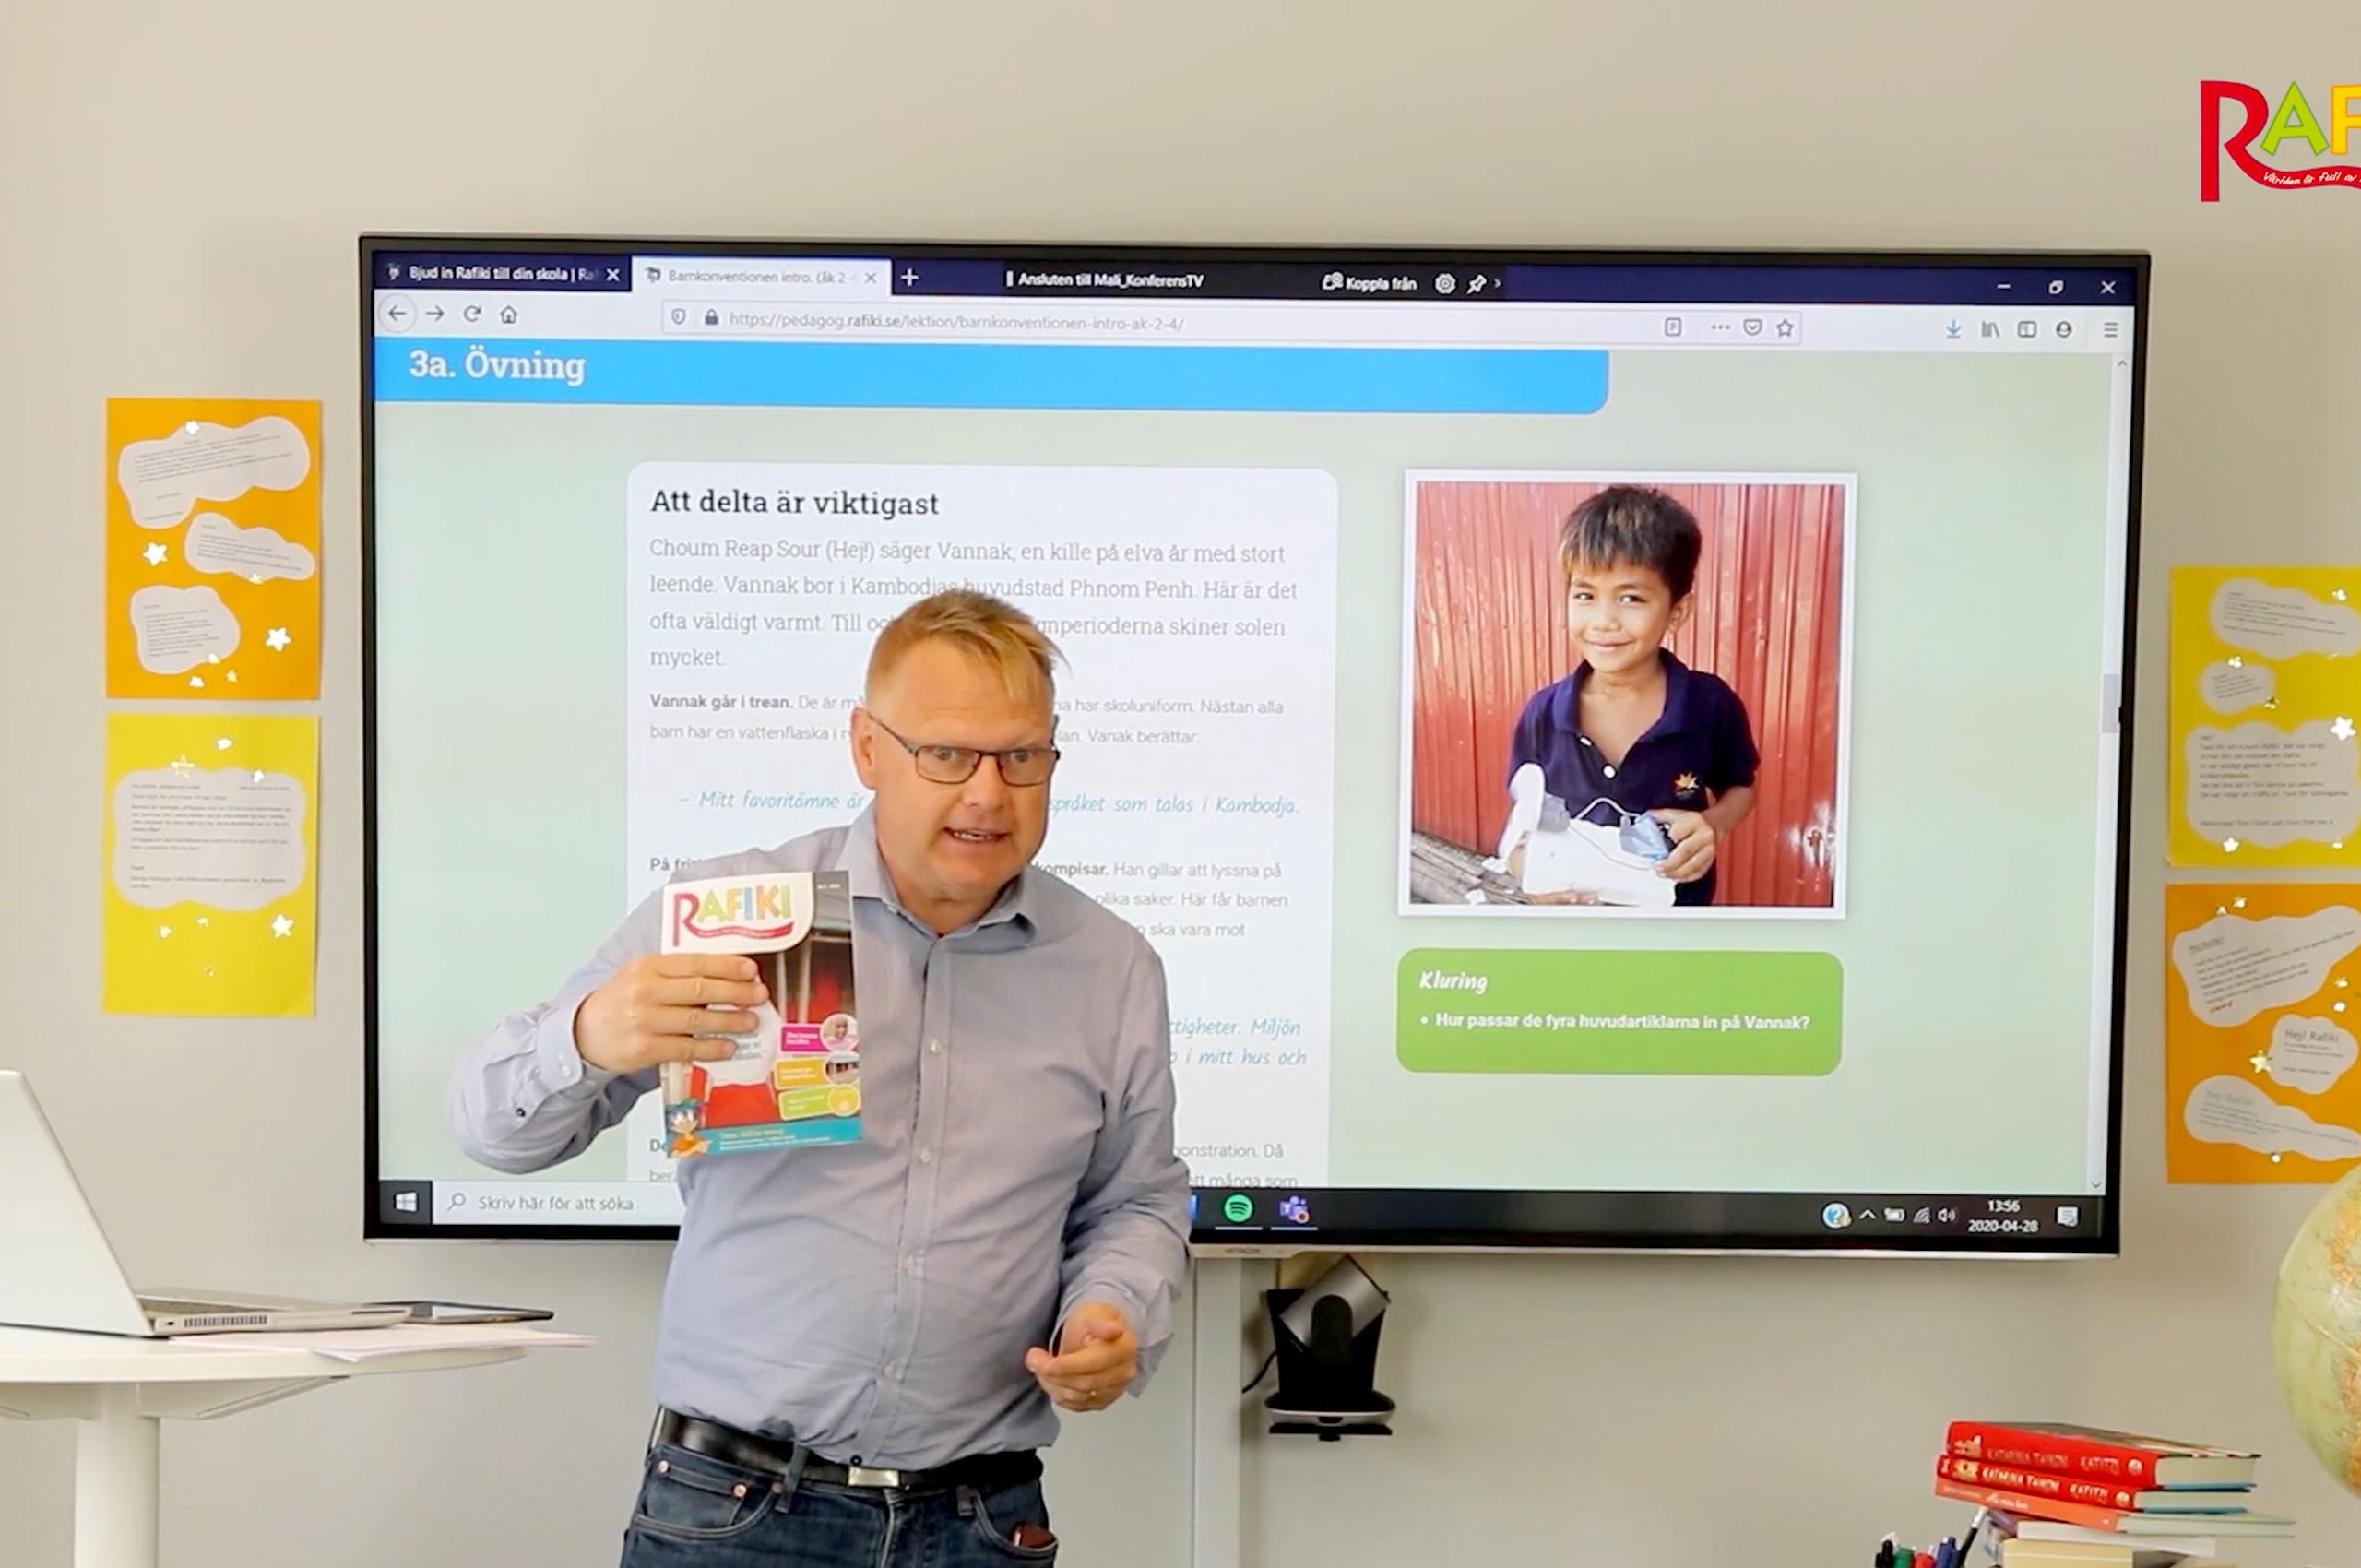 Håll e-lektionen direkt på storbild